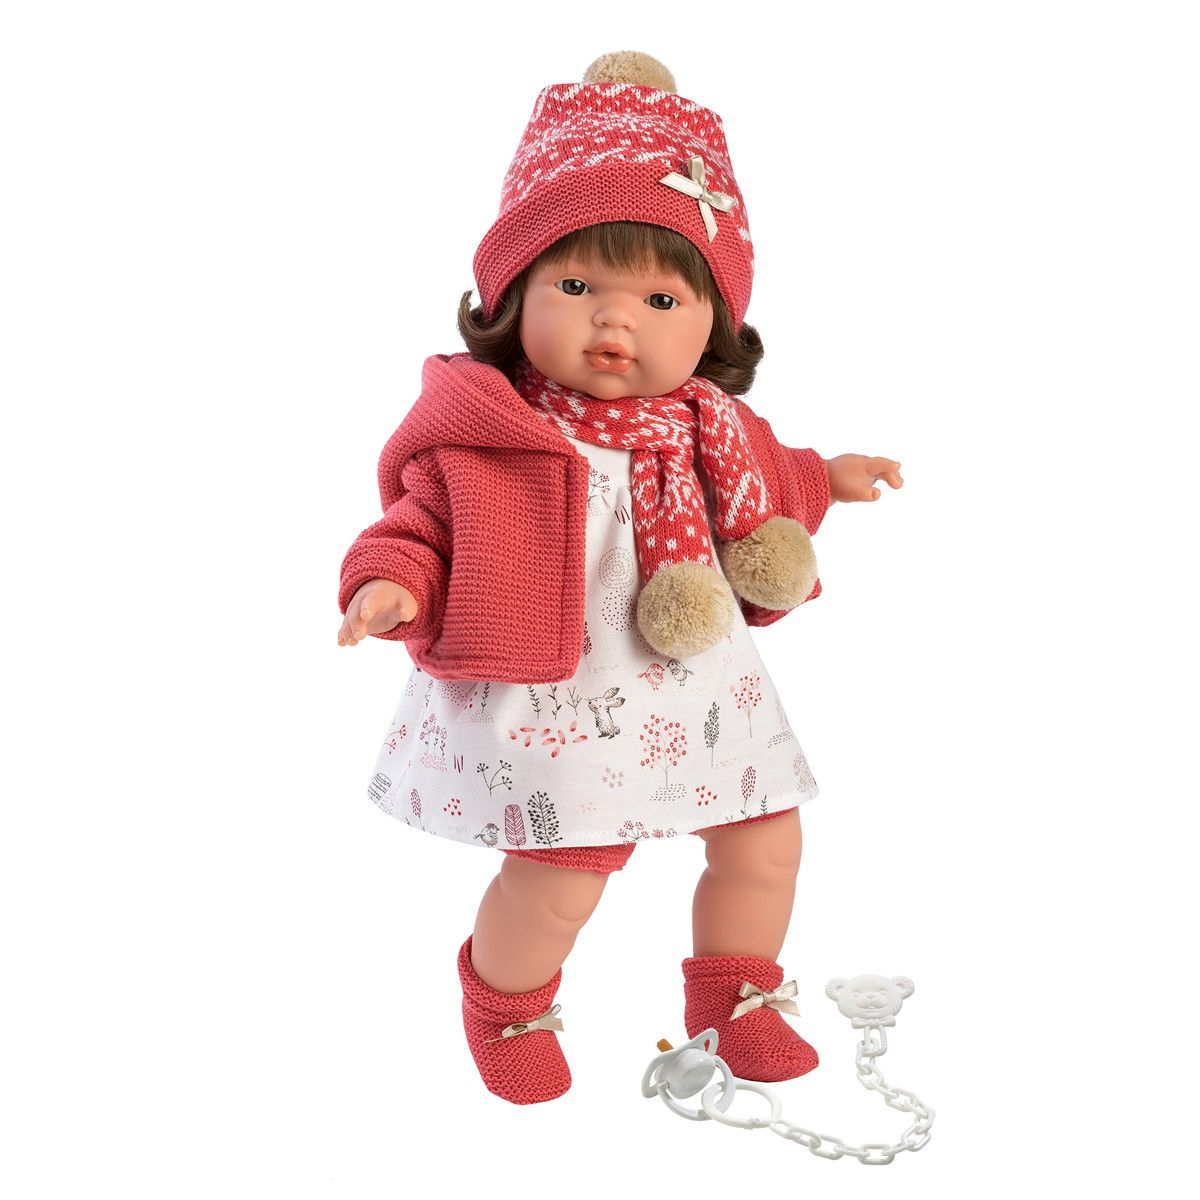 Купить Интерактивная кукла - Лола, 38 см, со звуком, Llorens Juan